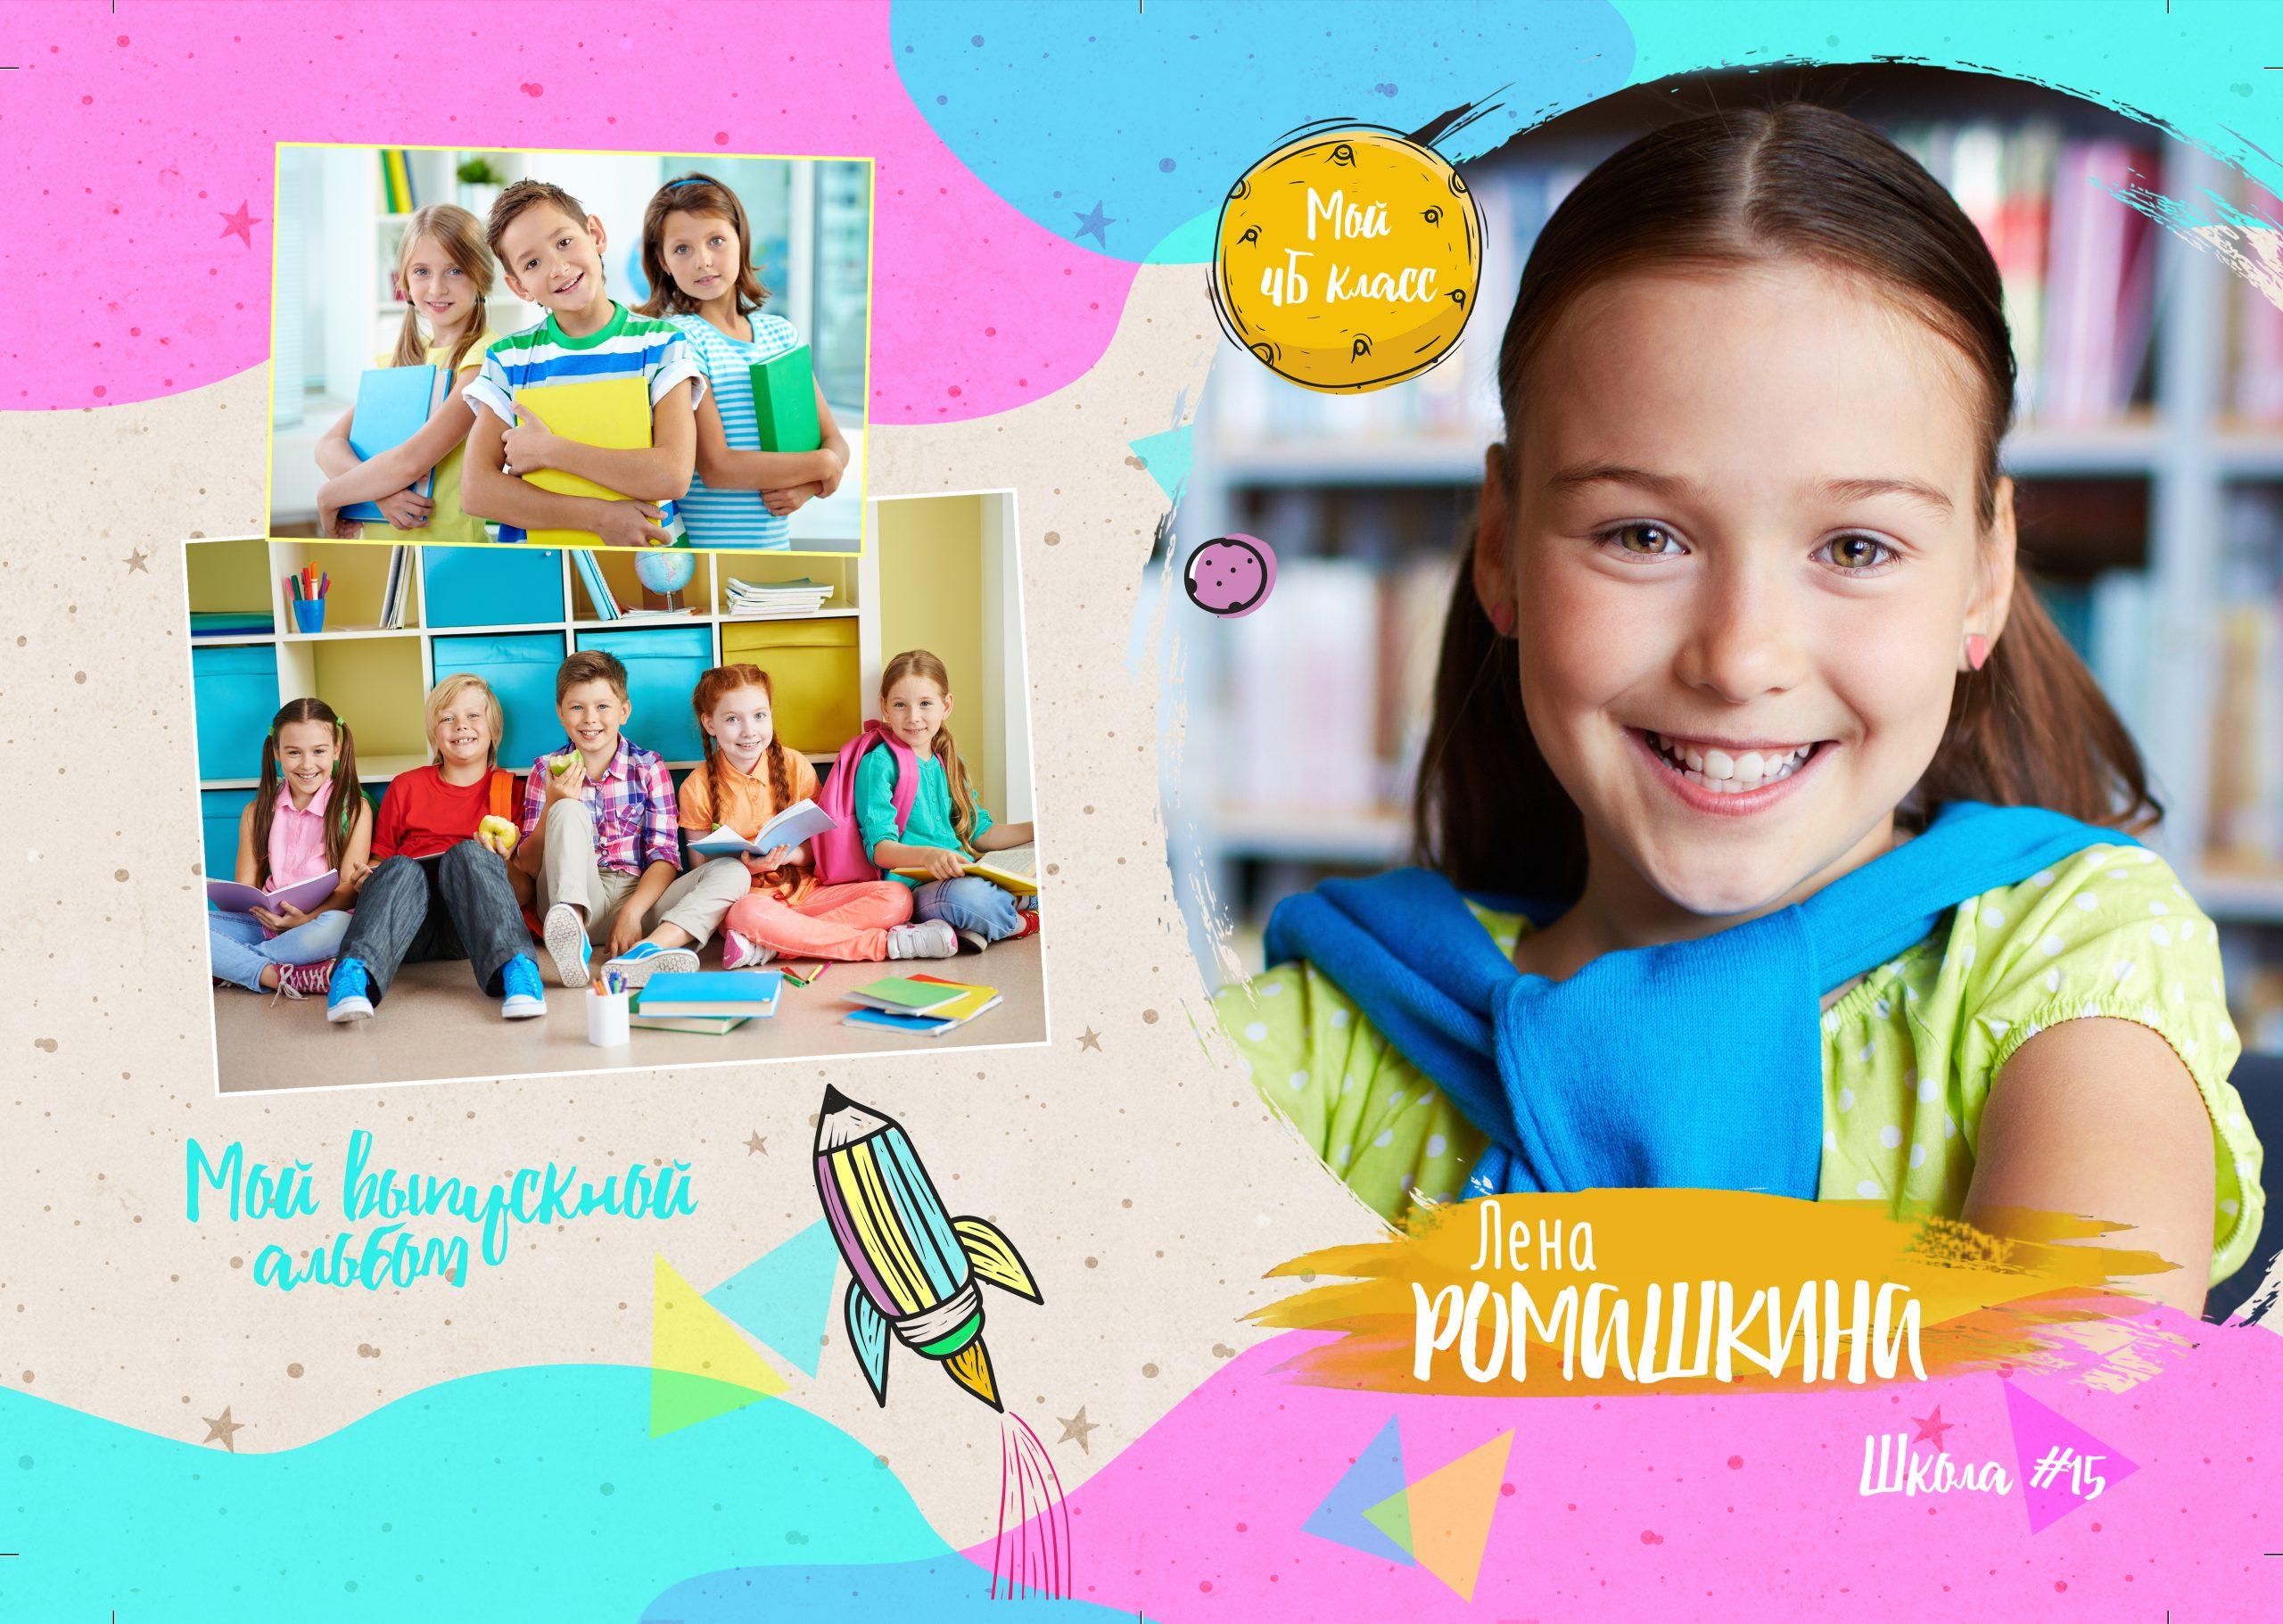 Виньетка детский сад Крым